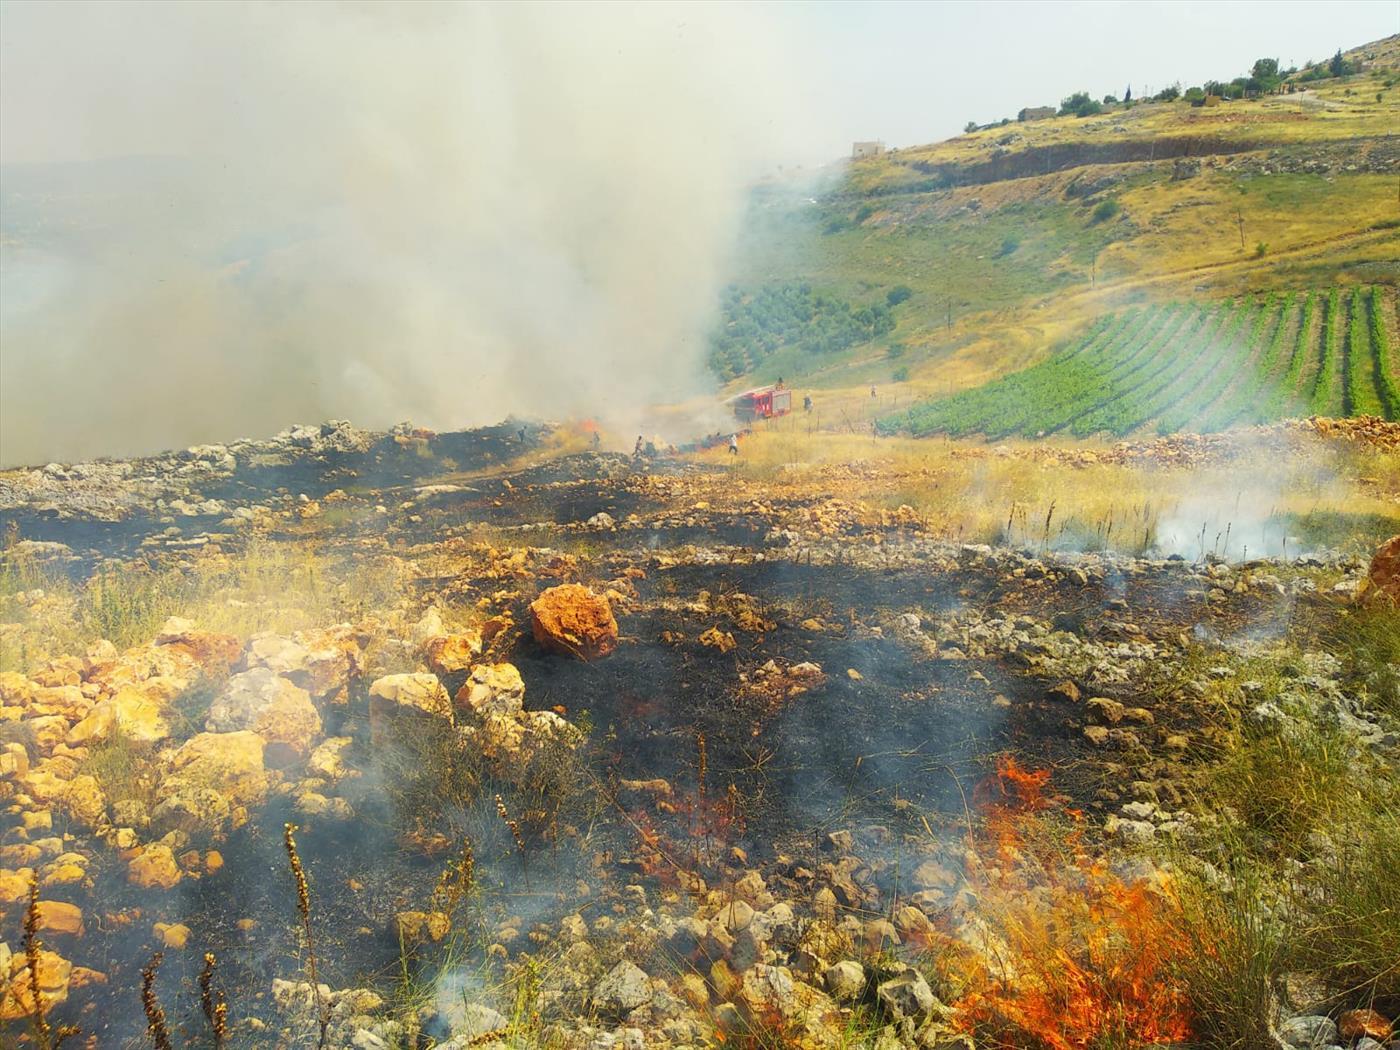 השריפה בהר ברכה בשומרון (יעקב גואלמן, tps)